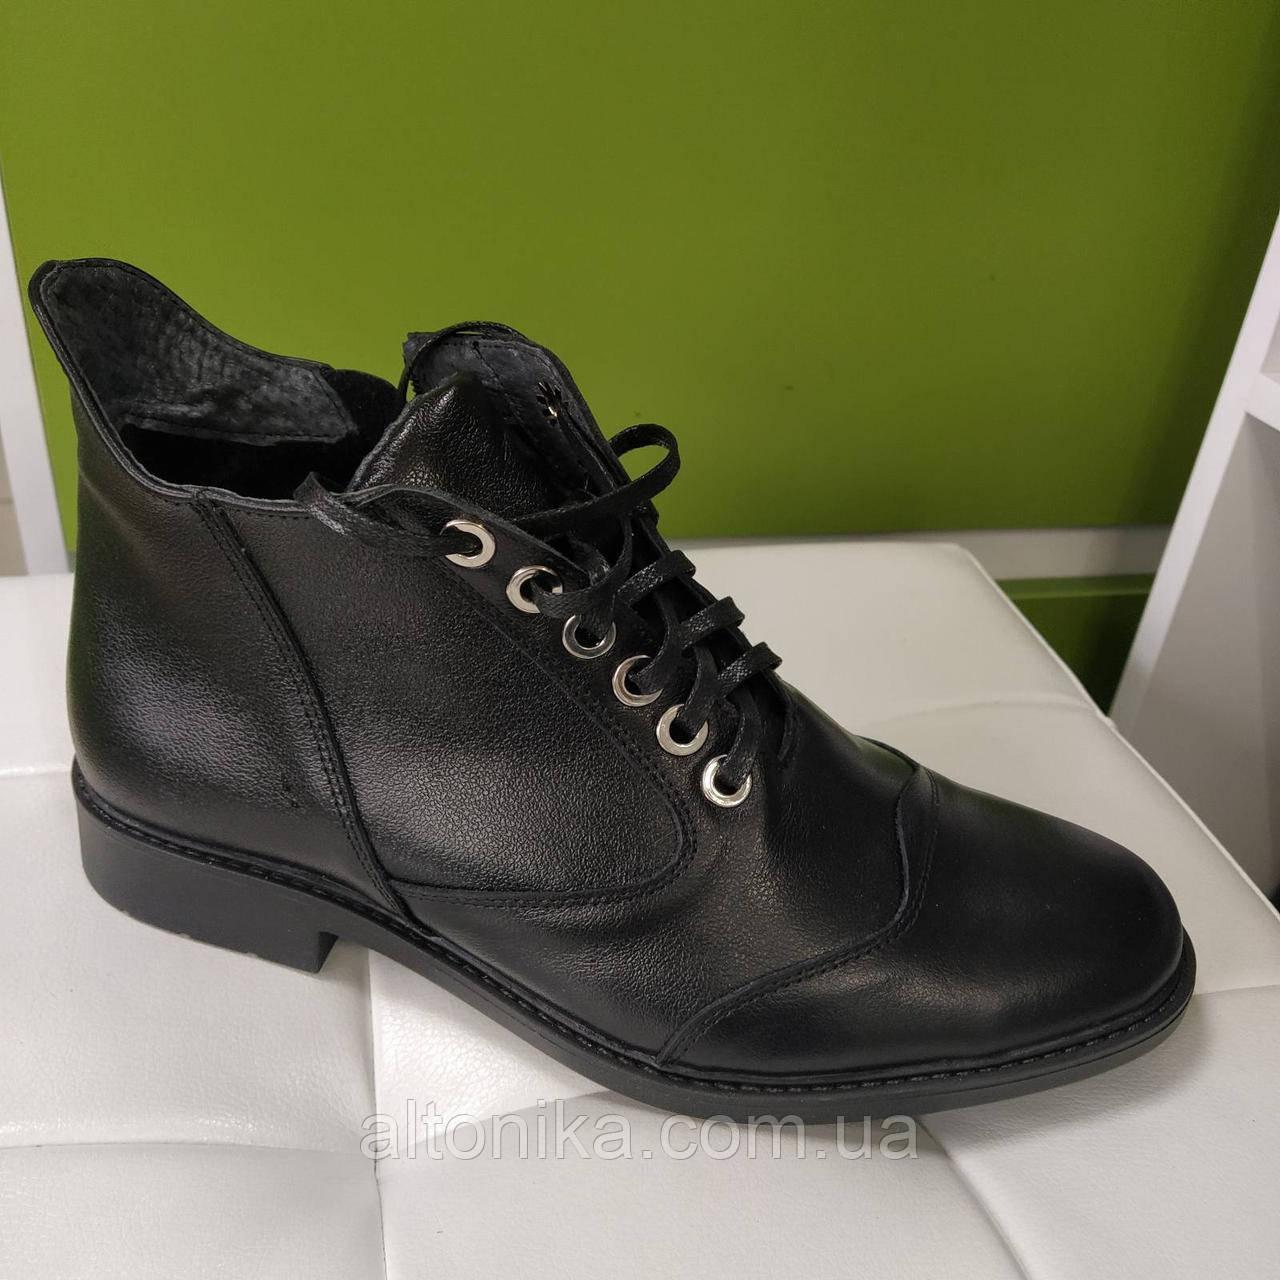 STTOPA деми зима. Размеры 42-45. Ботинки из натуральной кожи. С9-64-4245-3-3645 Черные.